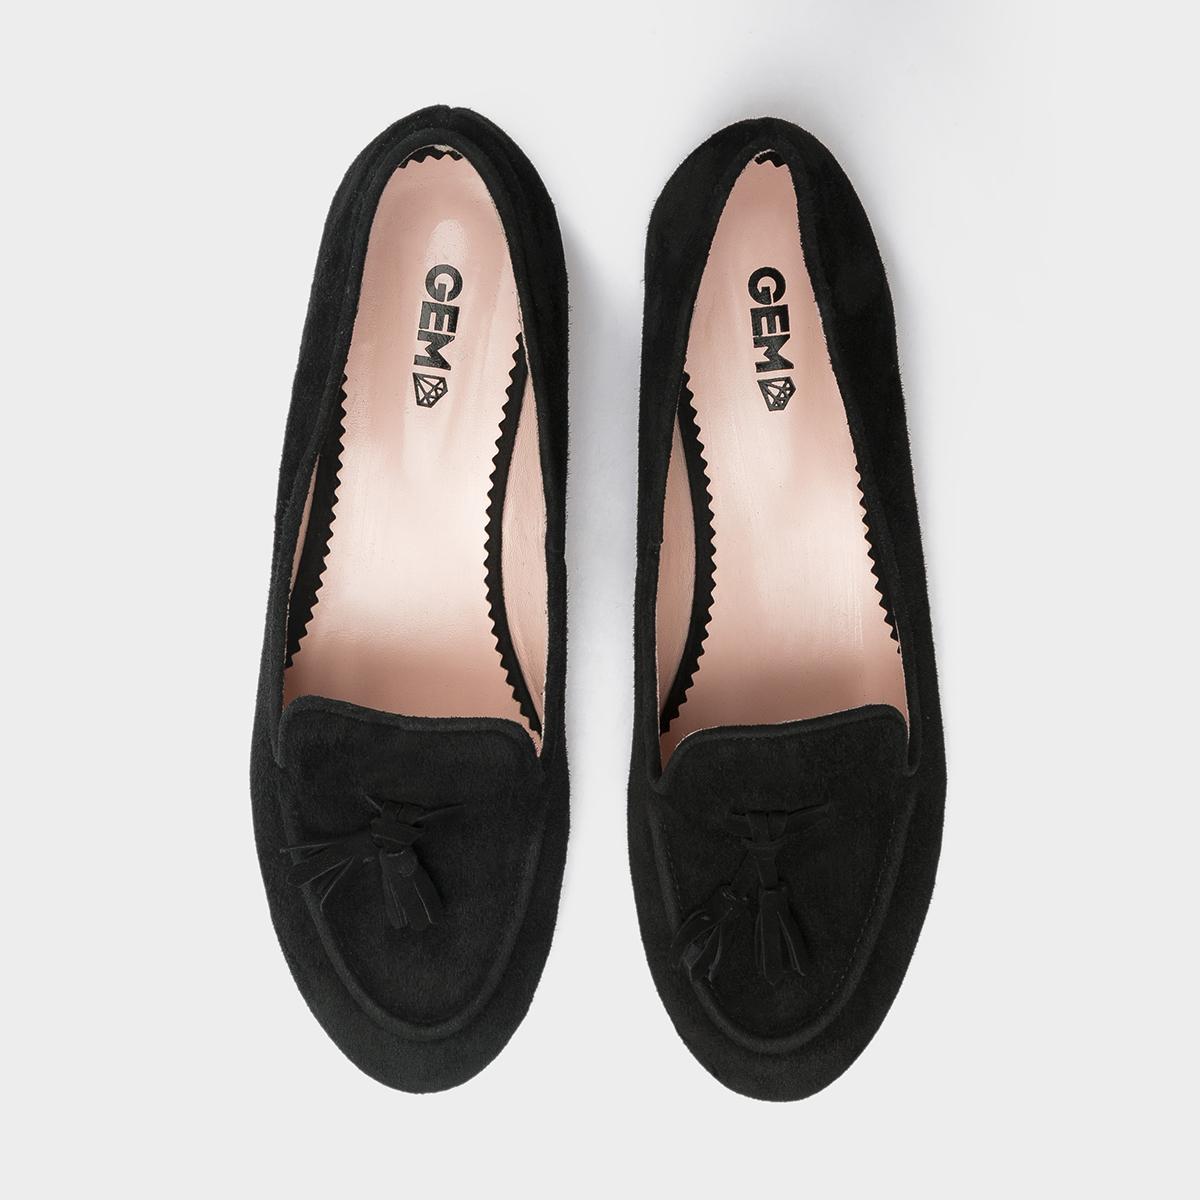 Балетки женские Слиперы 7740-110 черная замша 7740-110chr цена, 2017